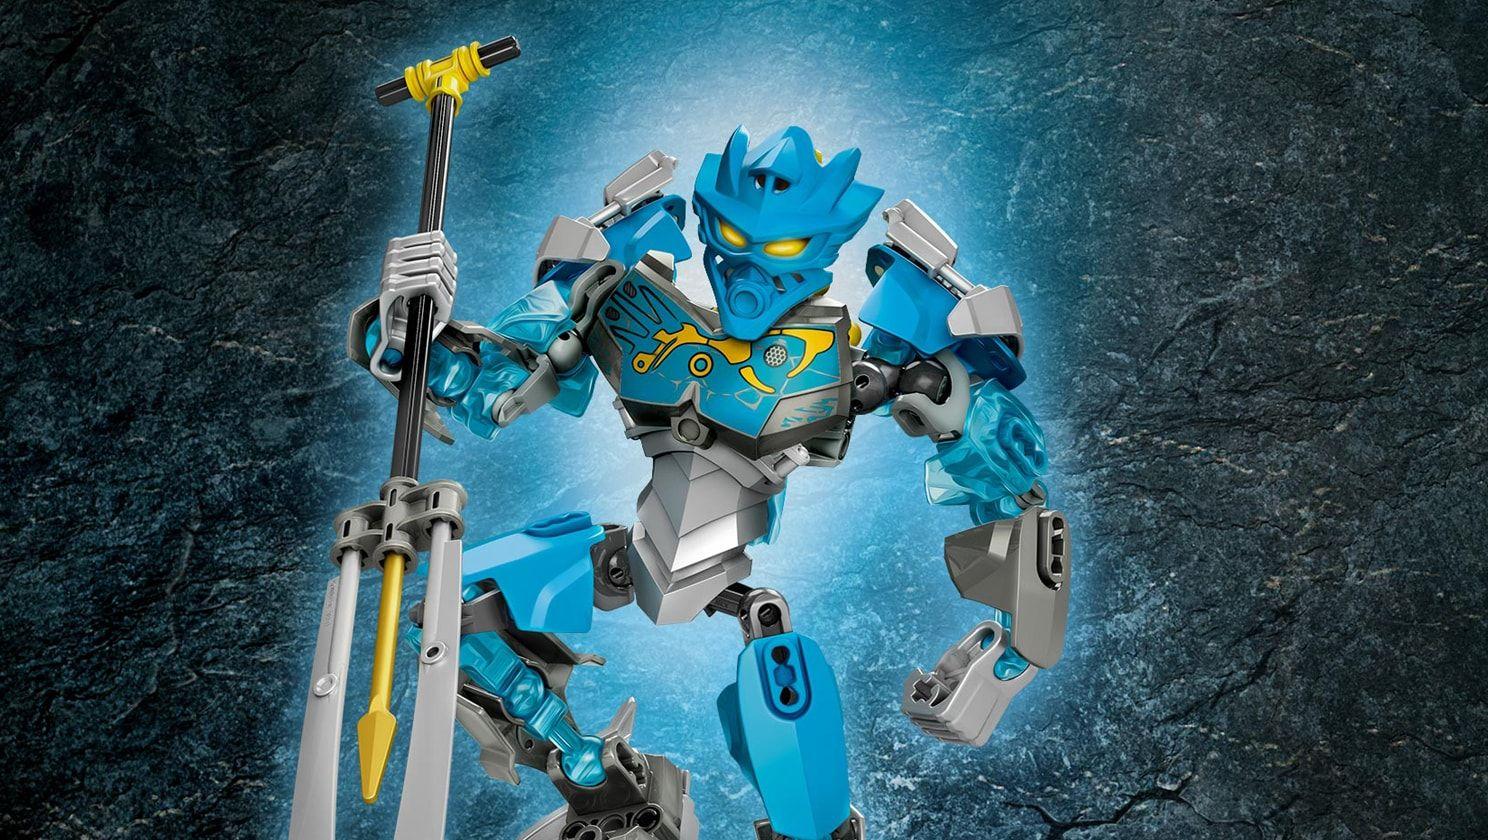 Gali Master Of Water Wallpapers Activities Lego Bionicle Lego Com Bionicle Lego Bionicle Wallpaper